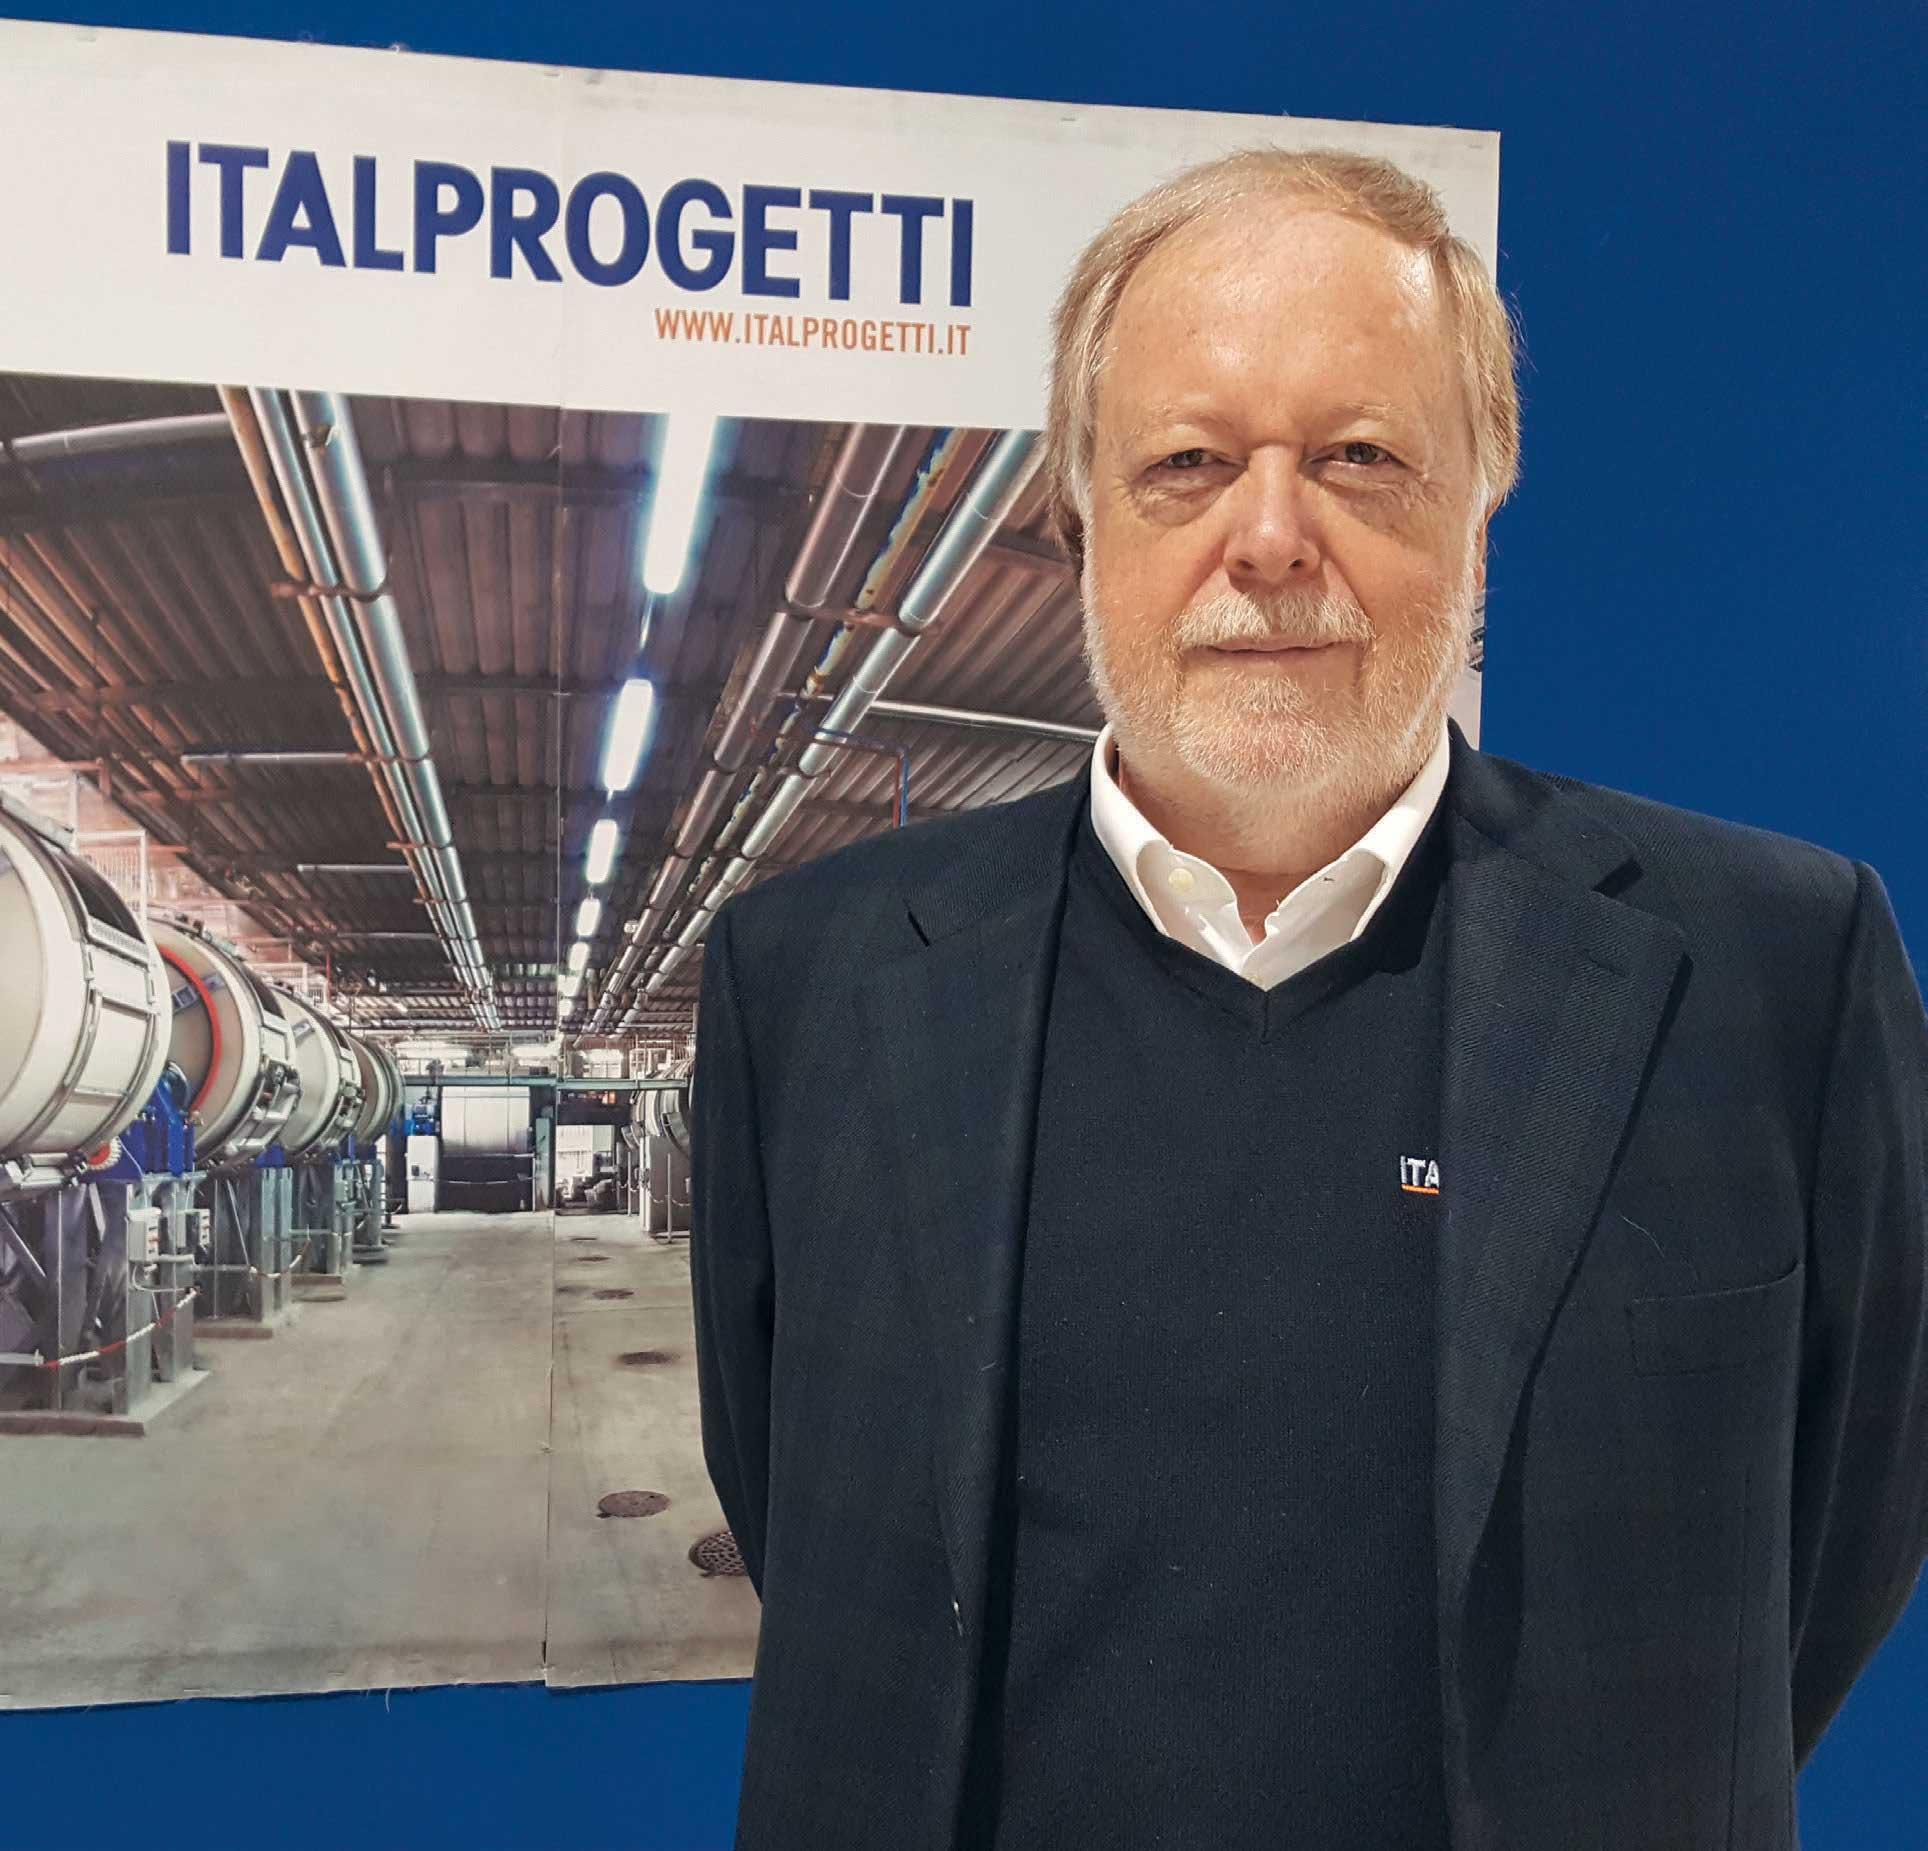 Mario Serrini